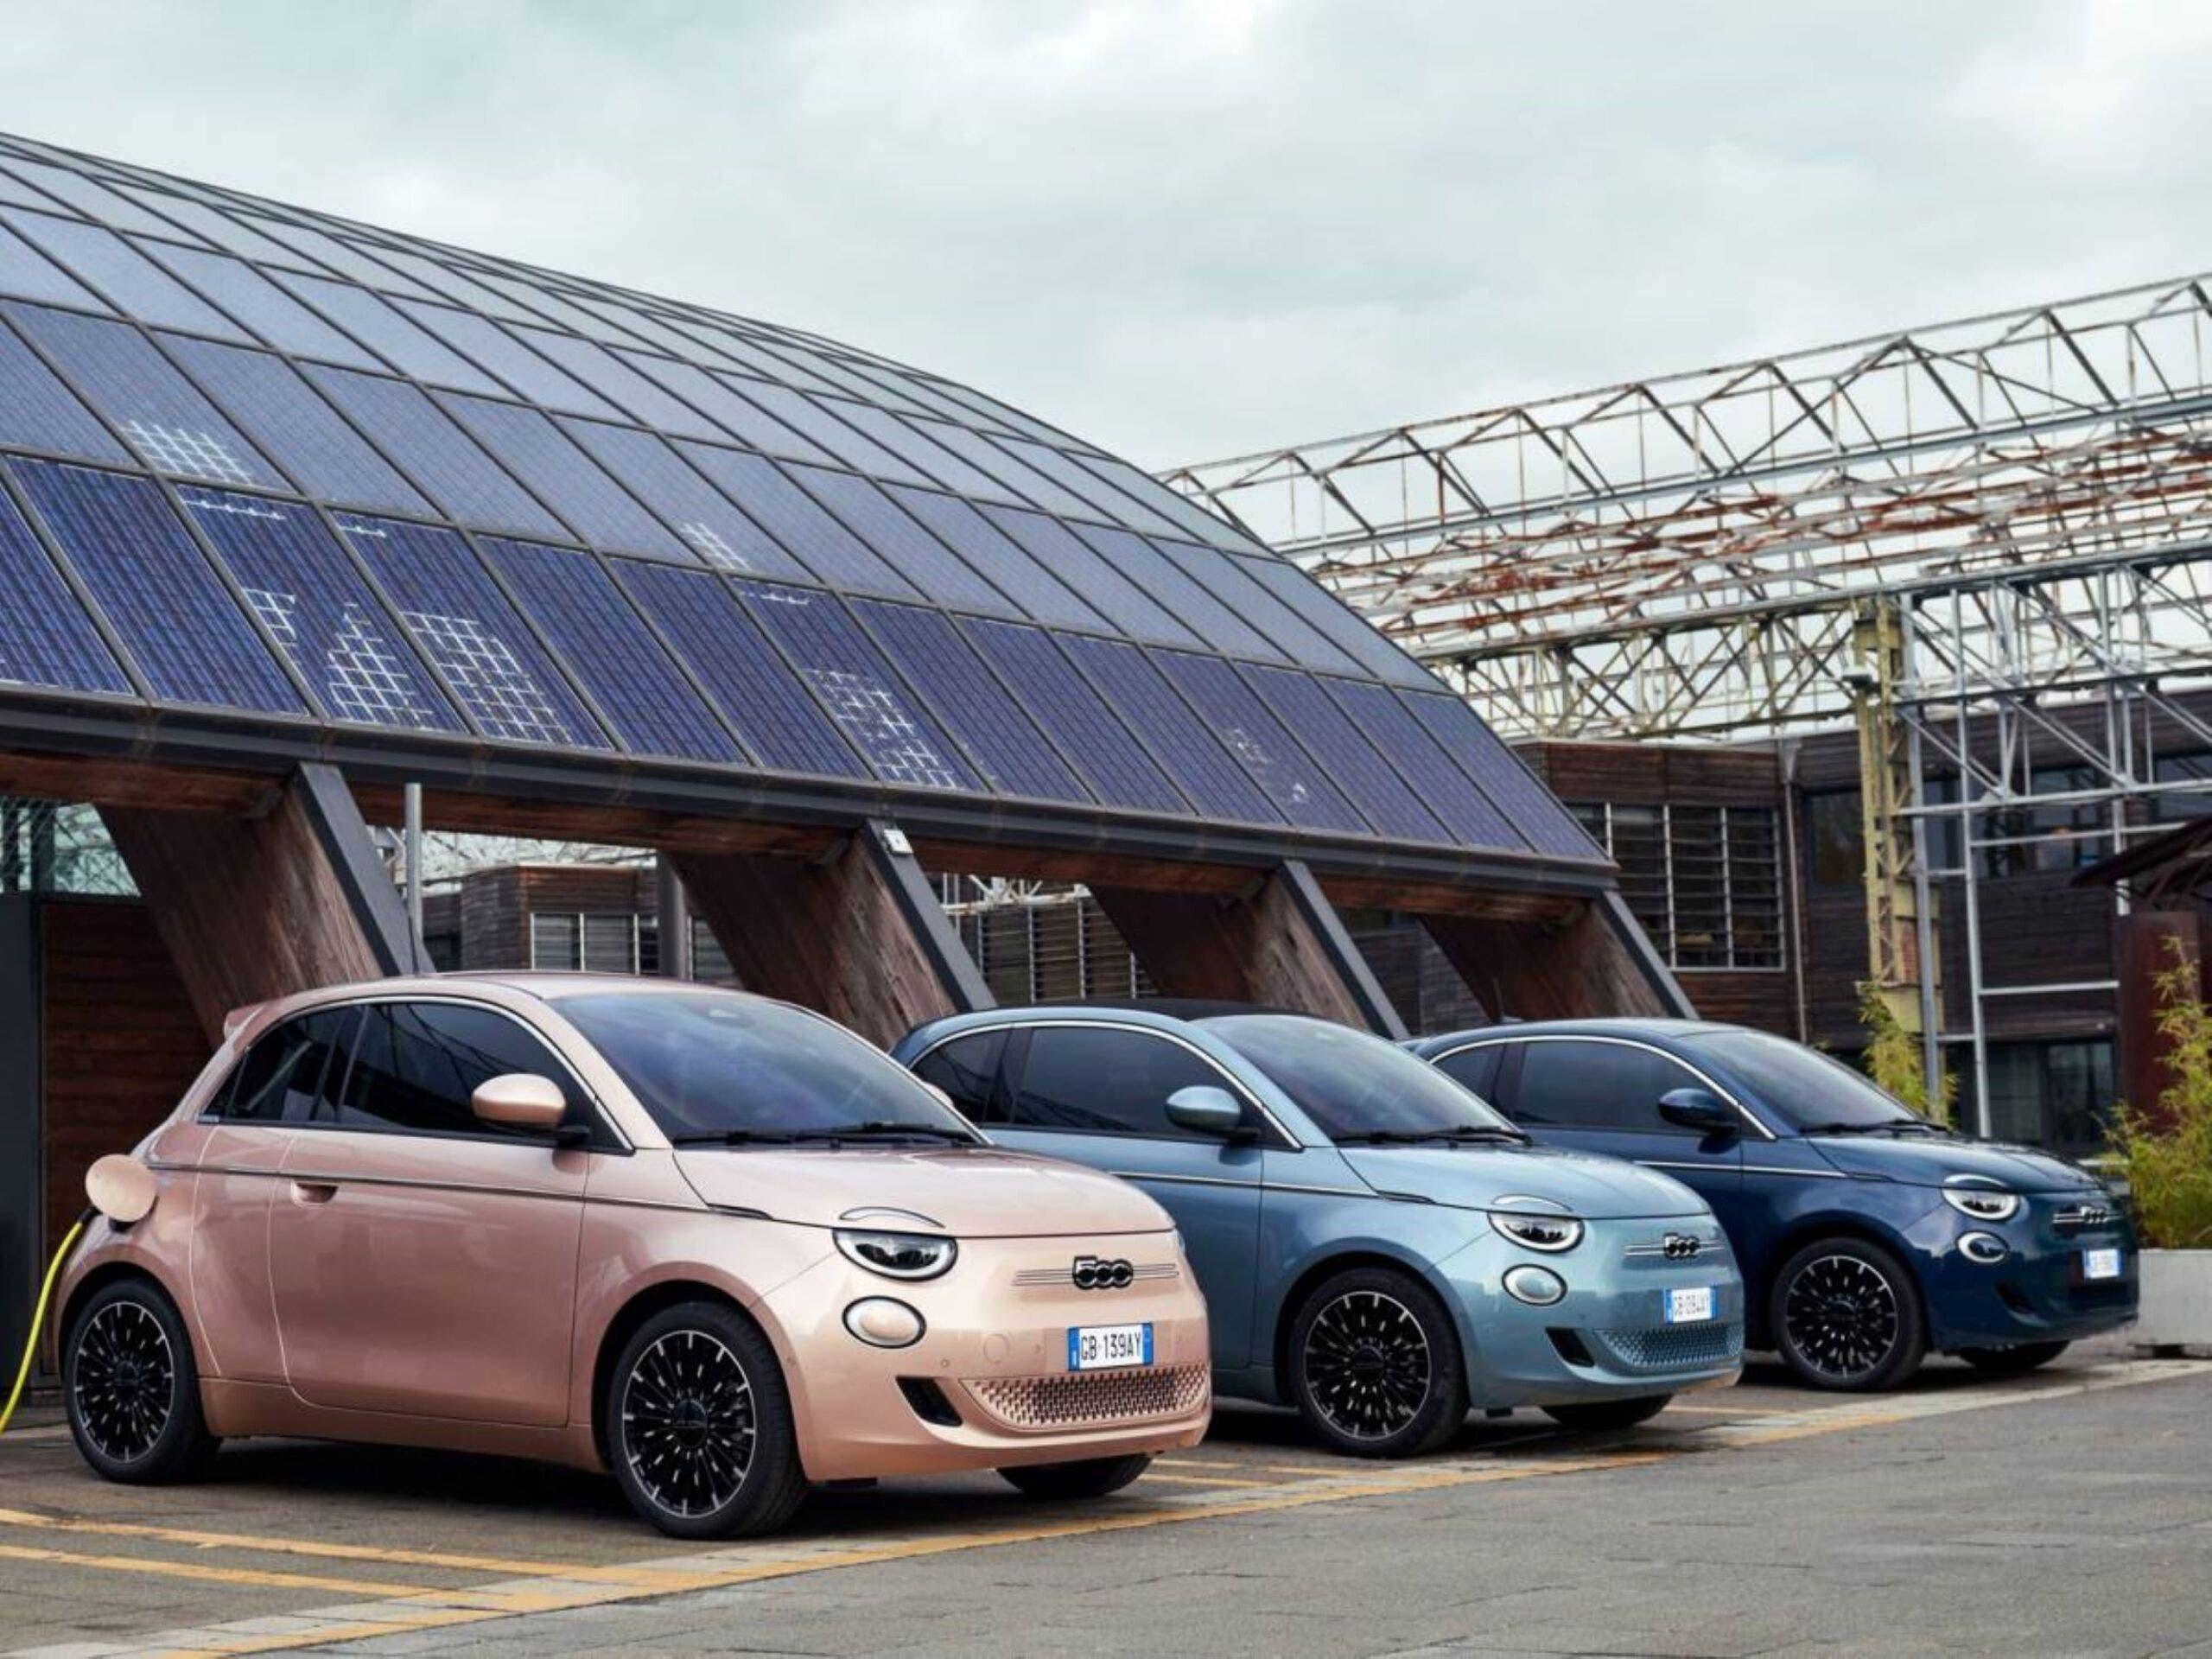 Fiat Nuova 500 elettrica in offerta: 2 anni di ricariche incluse